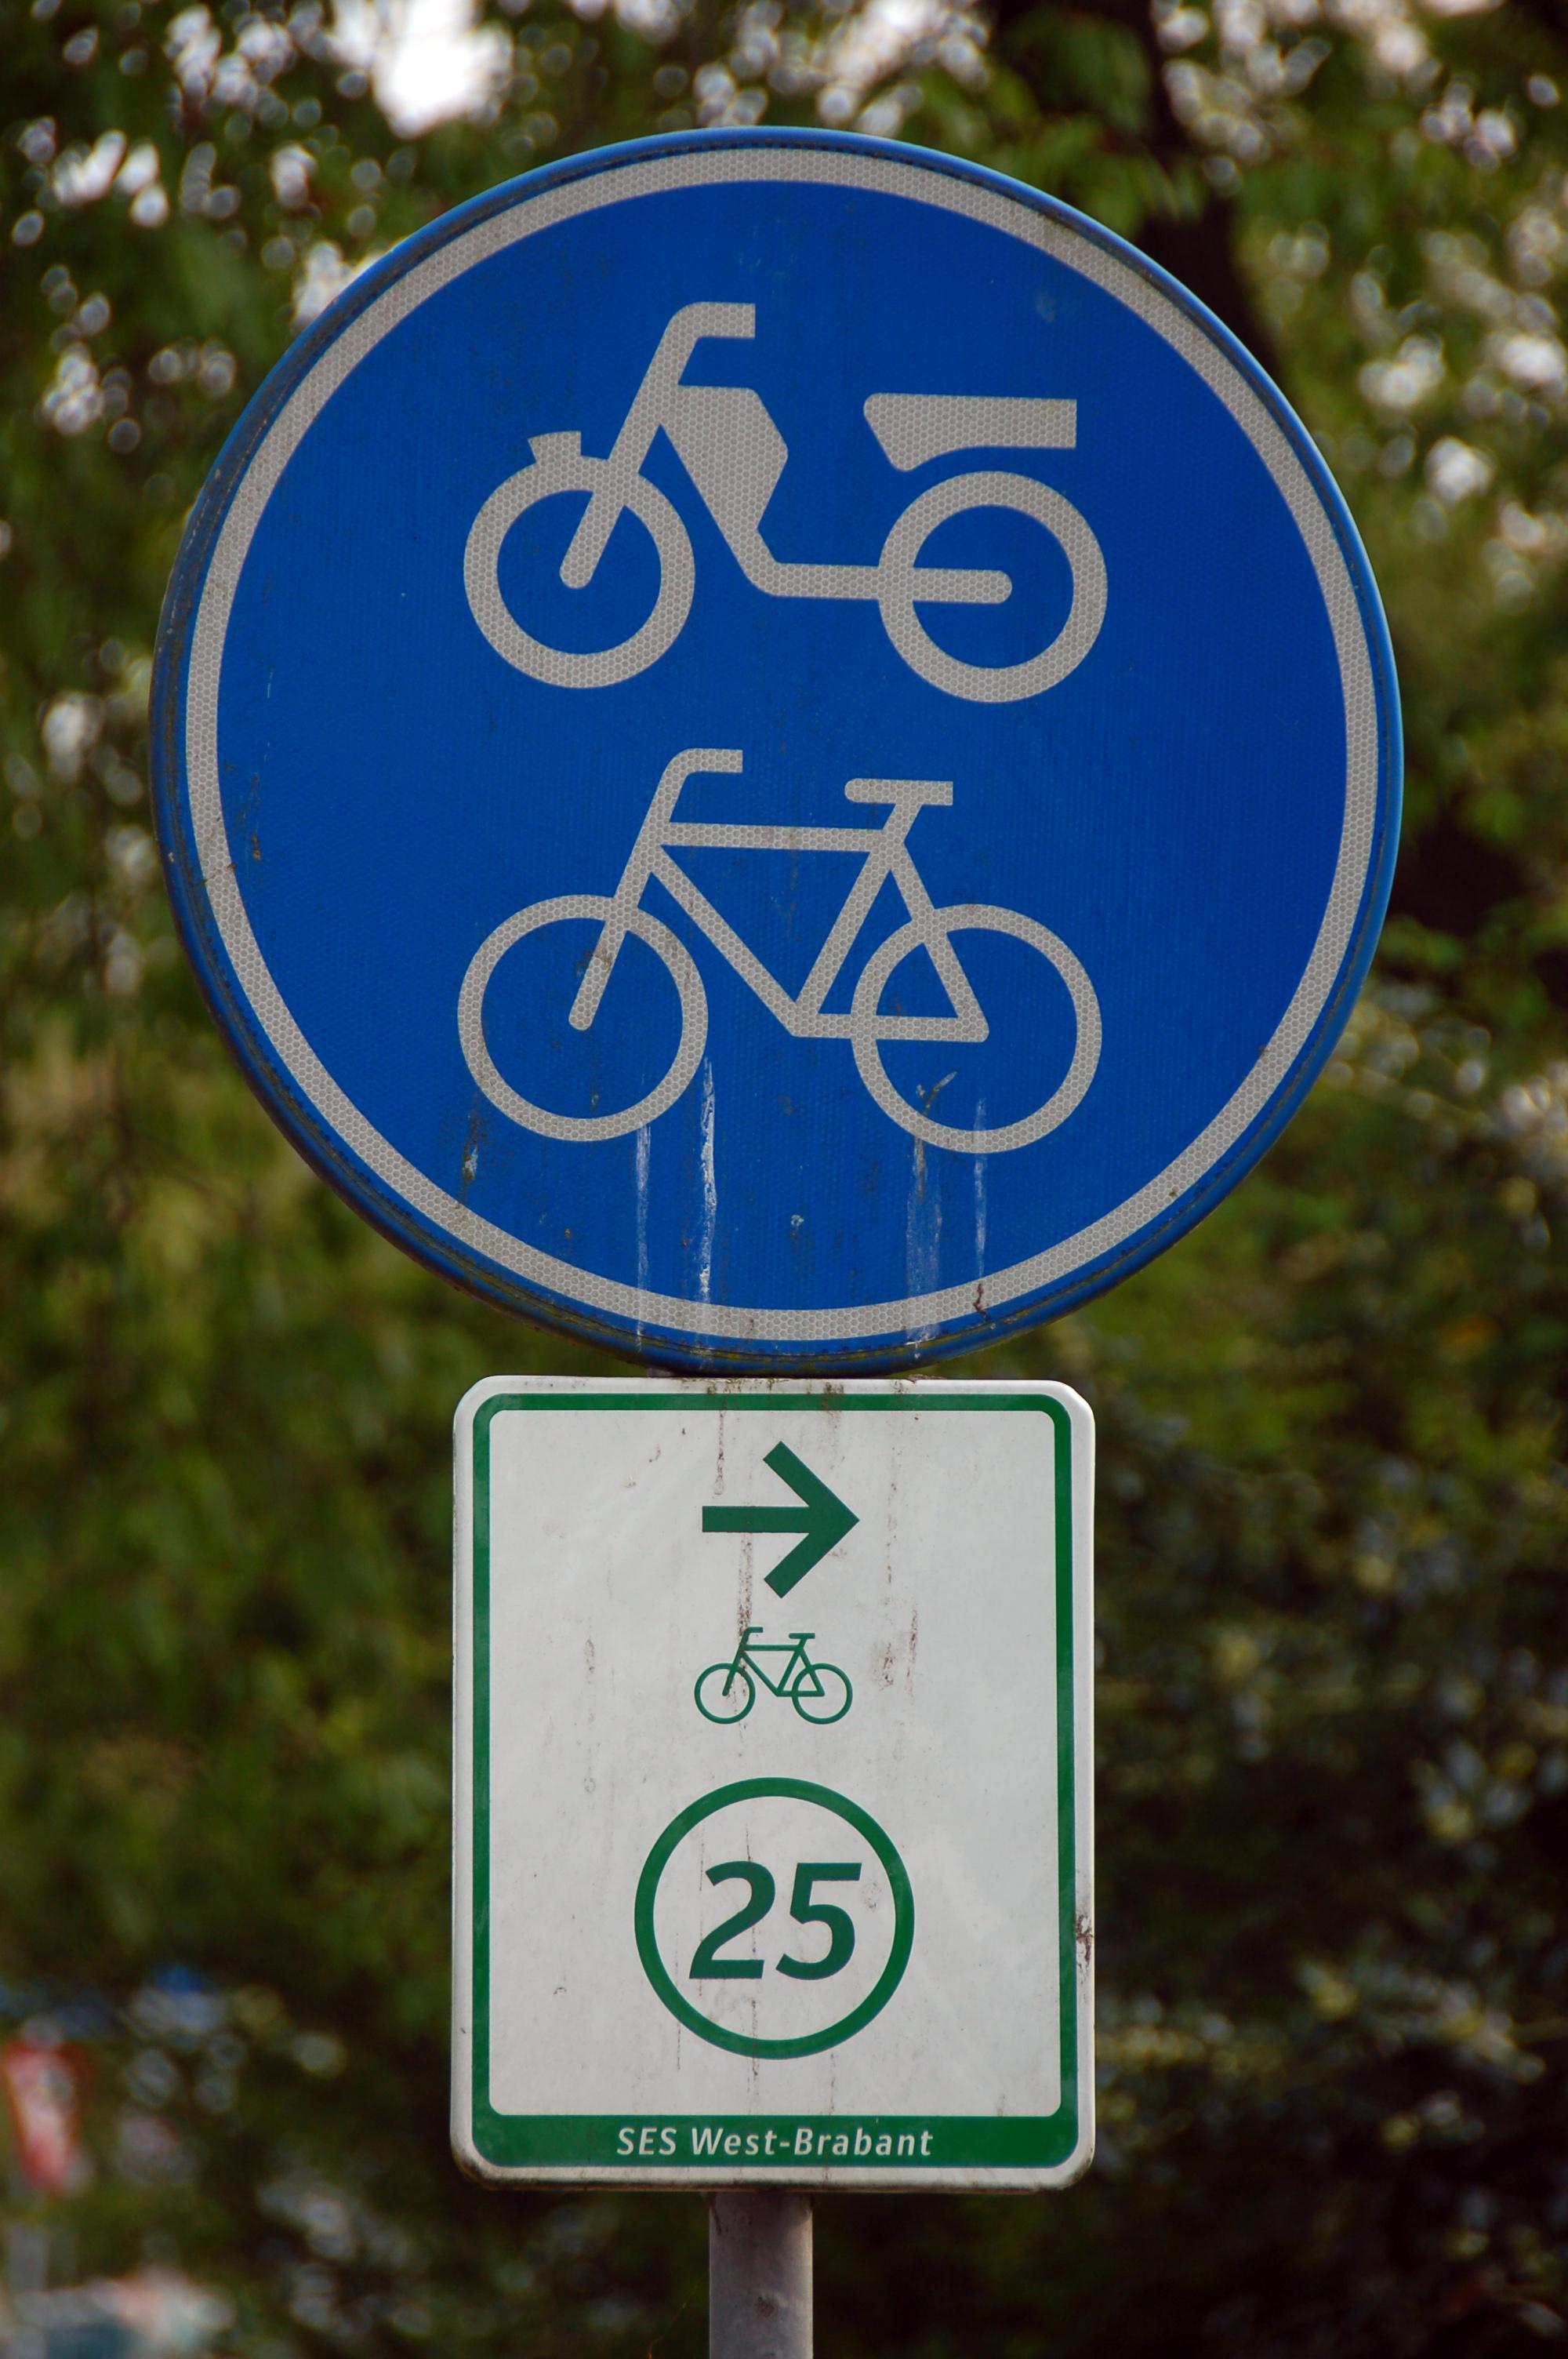 Datei:2010-05-breda-fahrradschilder-by-RalfR-12.jpg